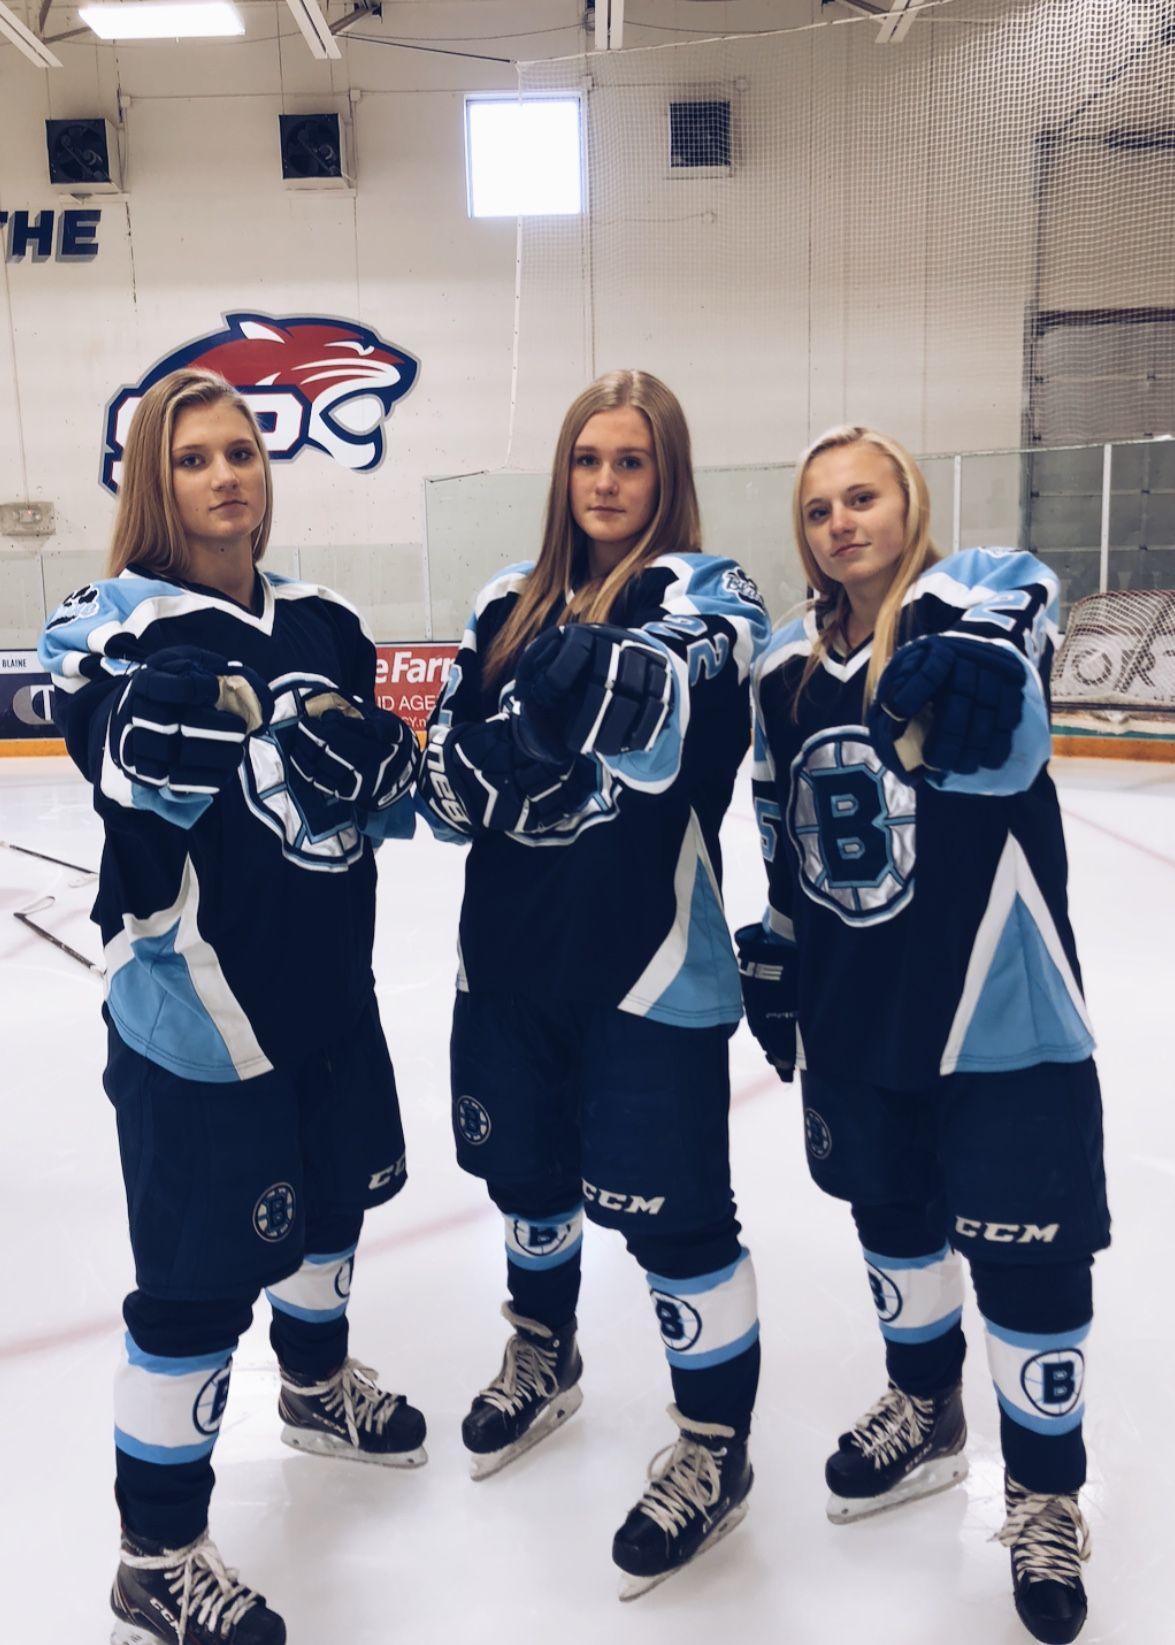 Pin By John Olivas On Sport Hockey Girls Hockey Inspiration Ice Hockey